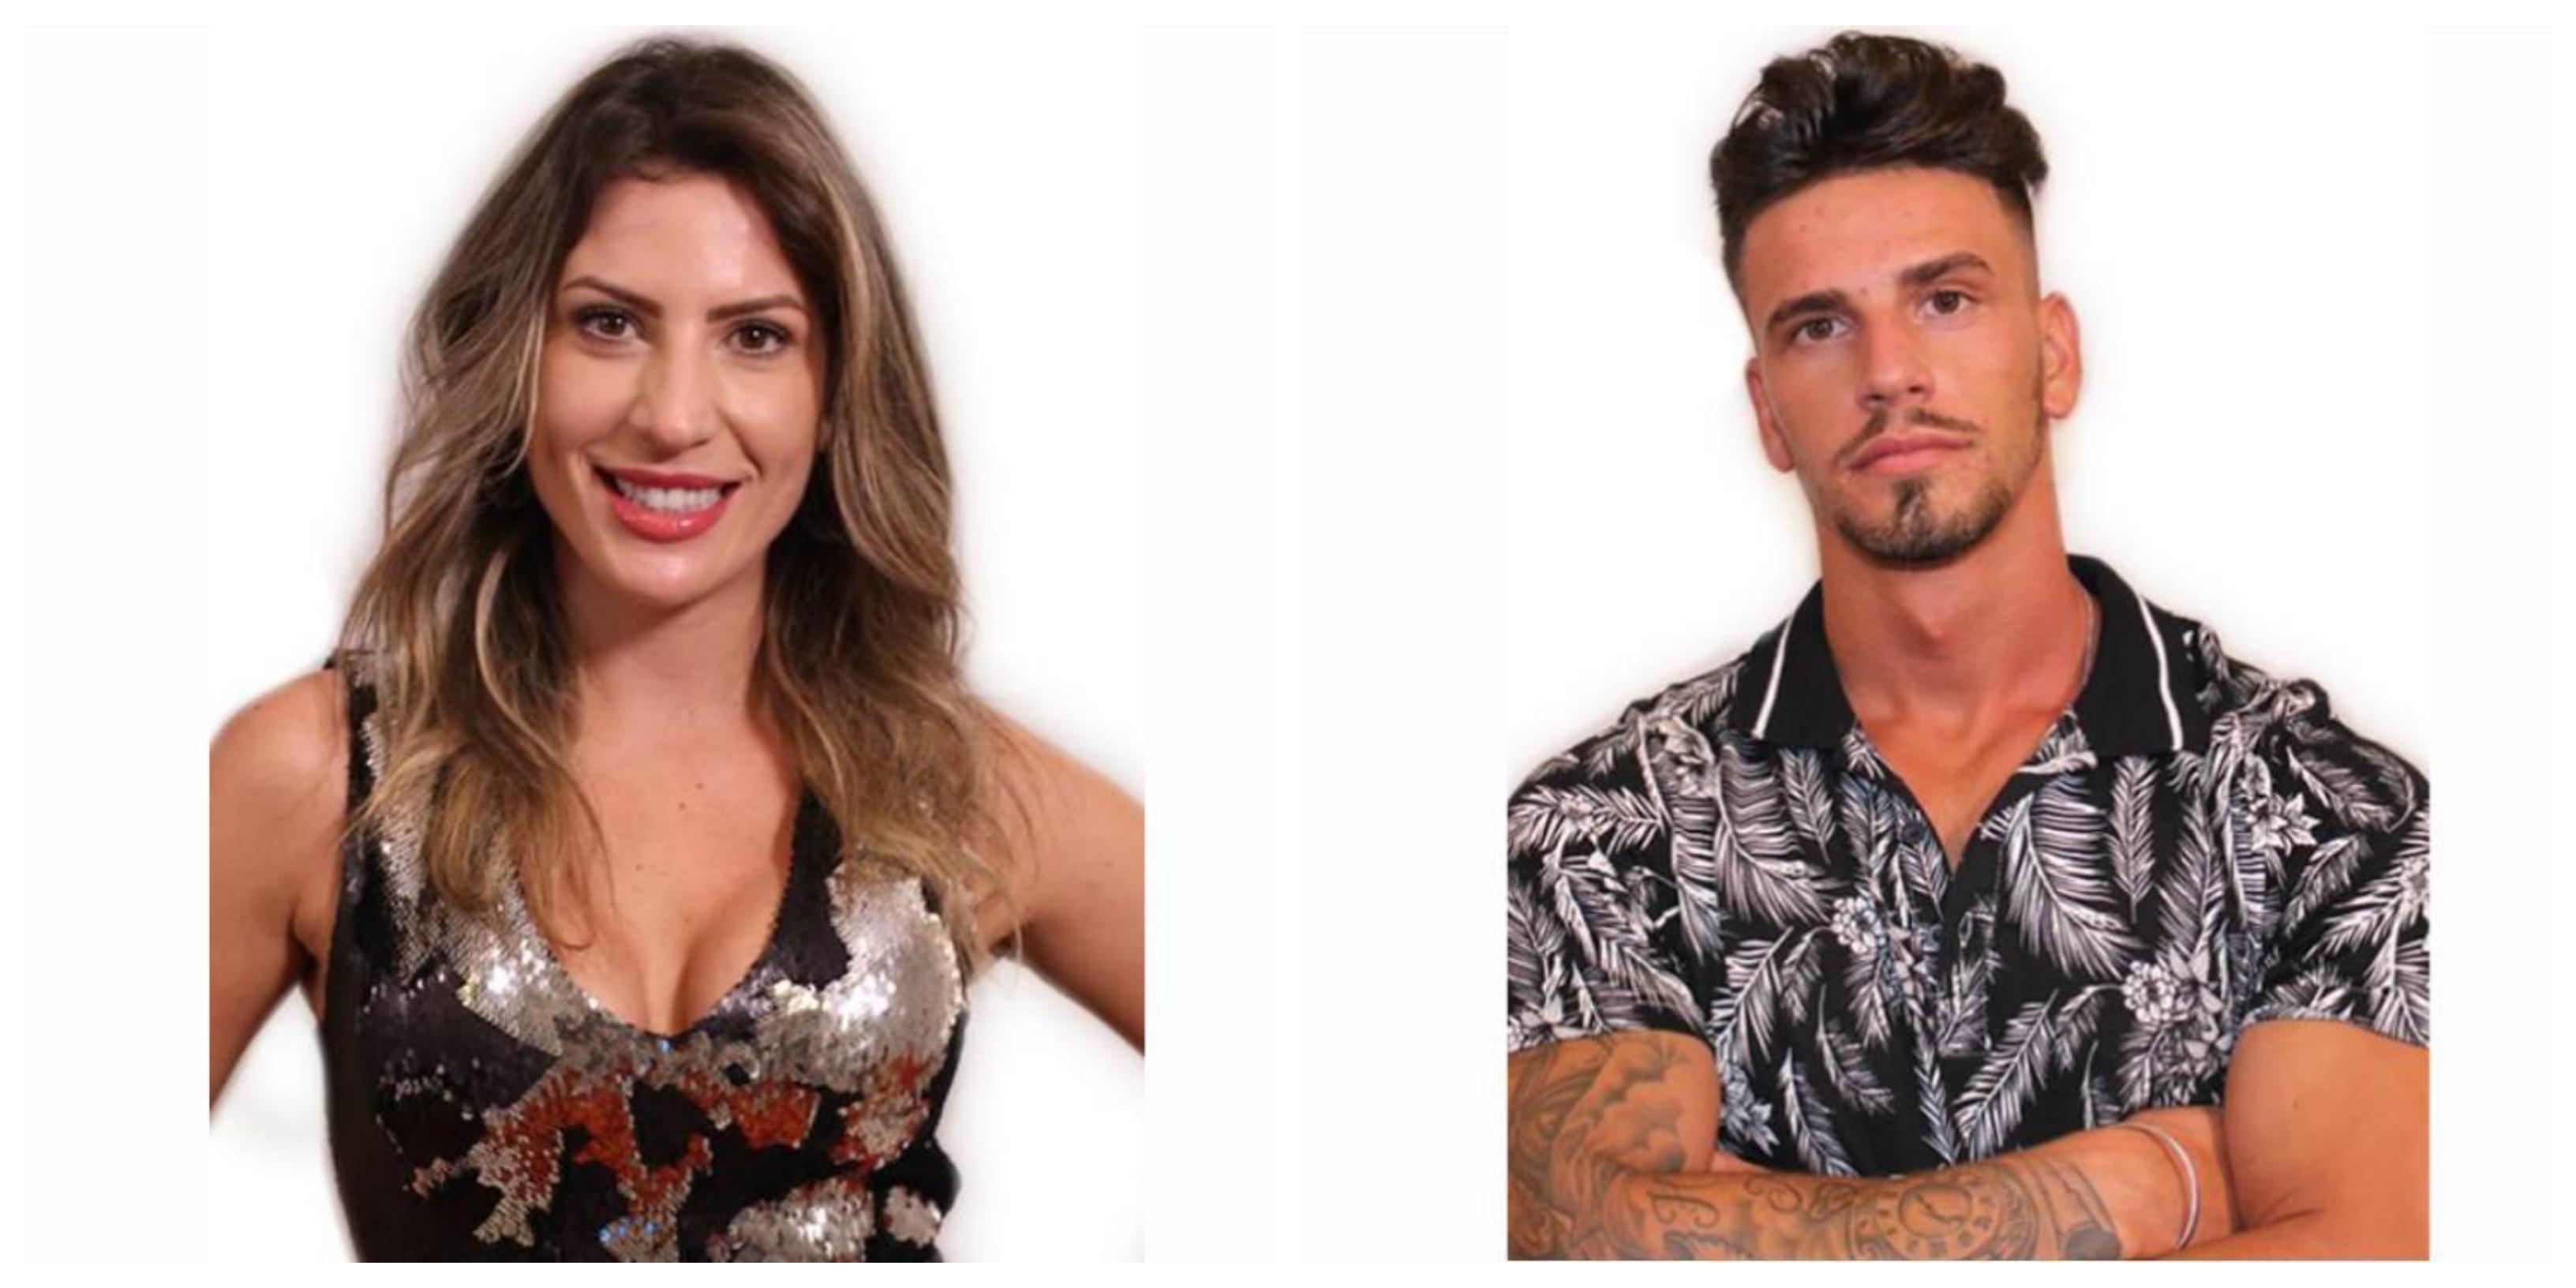 Rebeca Pedro Teixeira Love On Top 7 «Love On Top 7» Recebe Dois Concorrentes Novos